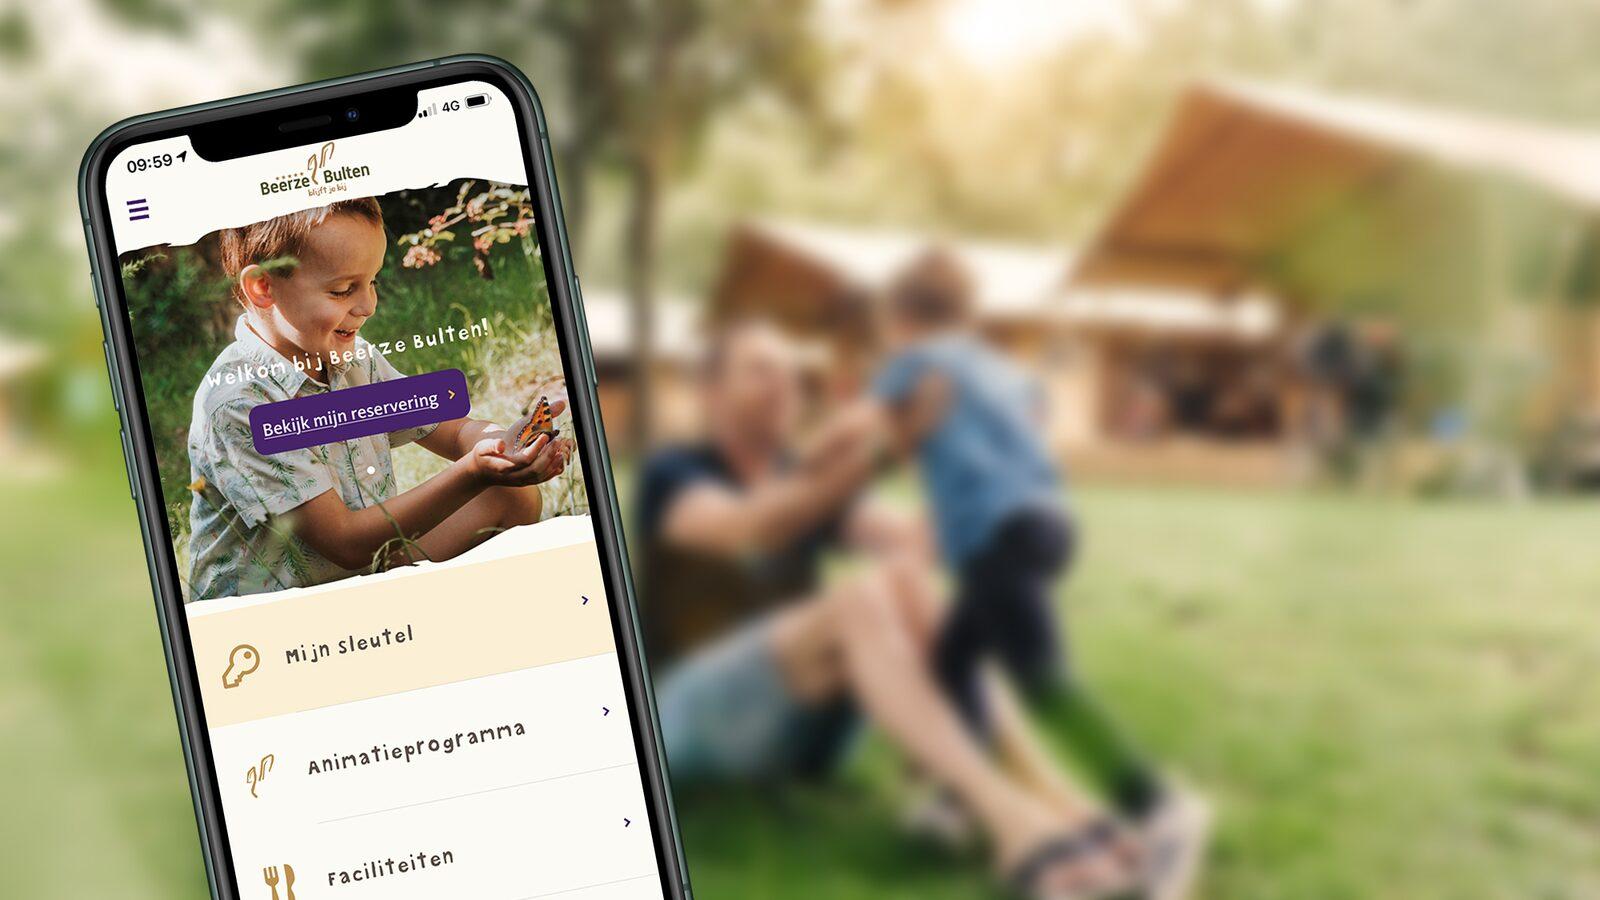 Feedback: 'Telefoon als sleutel' functie in de app